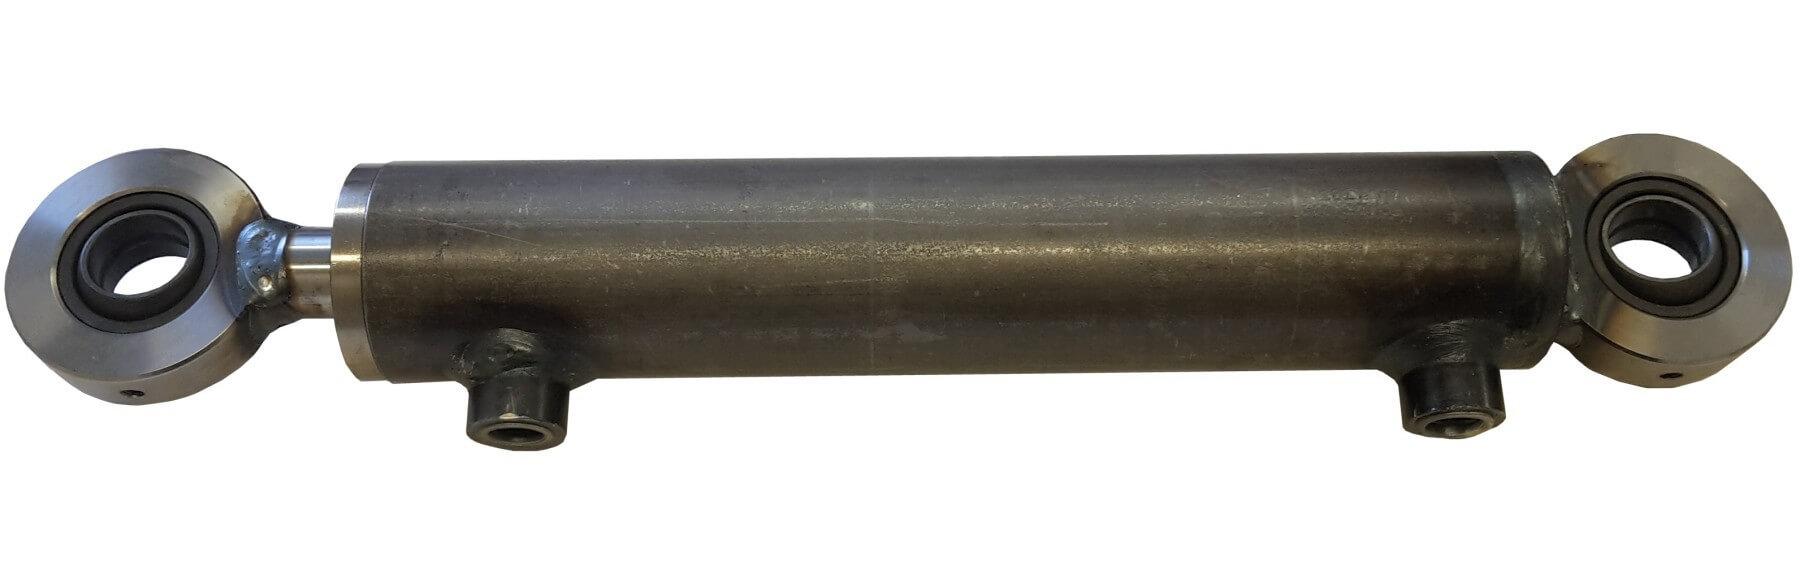 Hydraulisylinteri CL 60. 30. 700 GE - Kailatec Oy Verkkokauppa